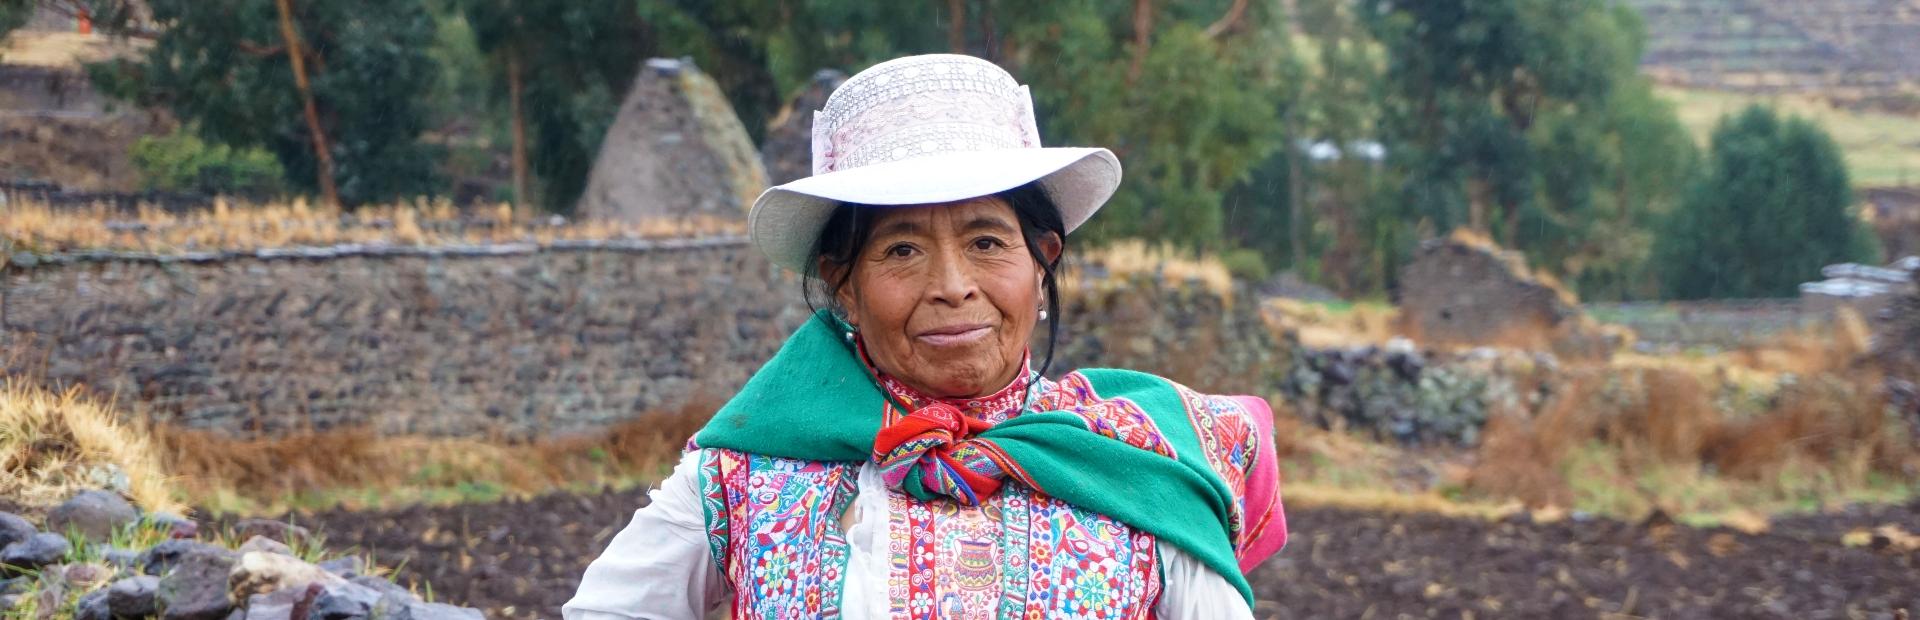 Leven Peru